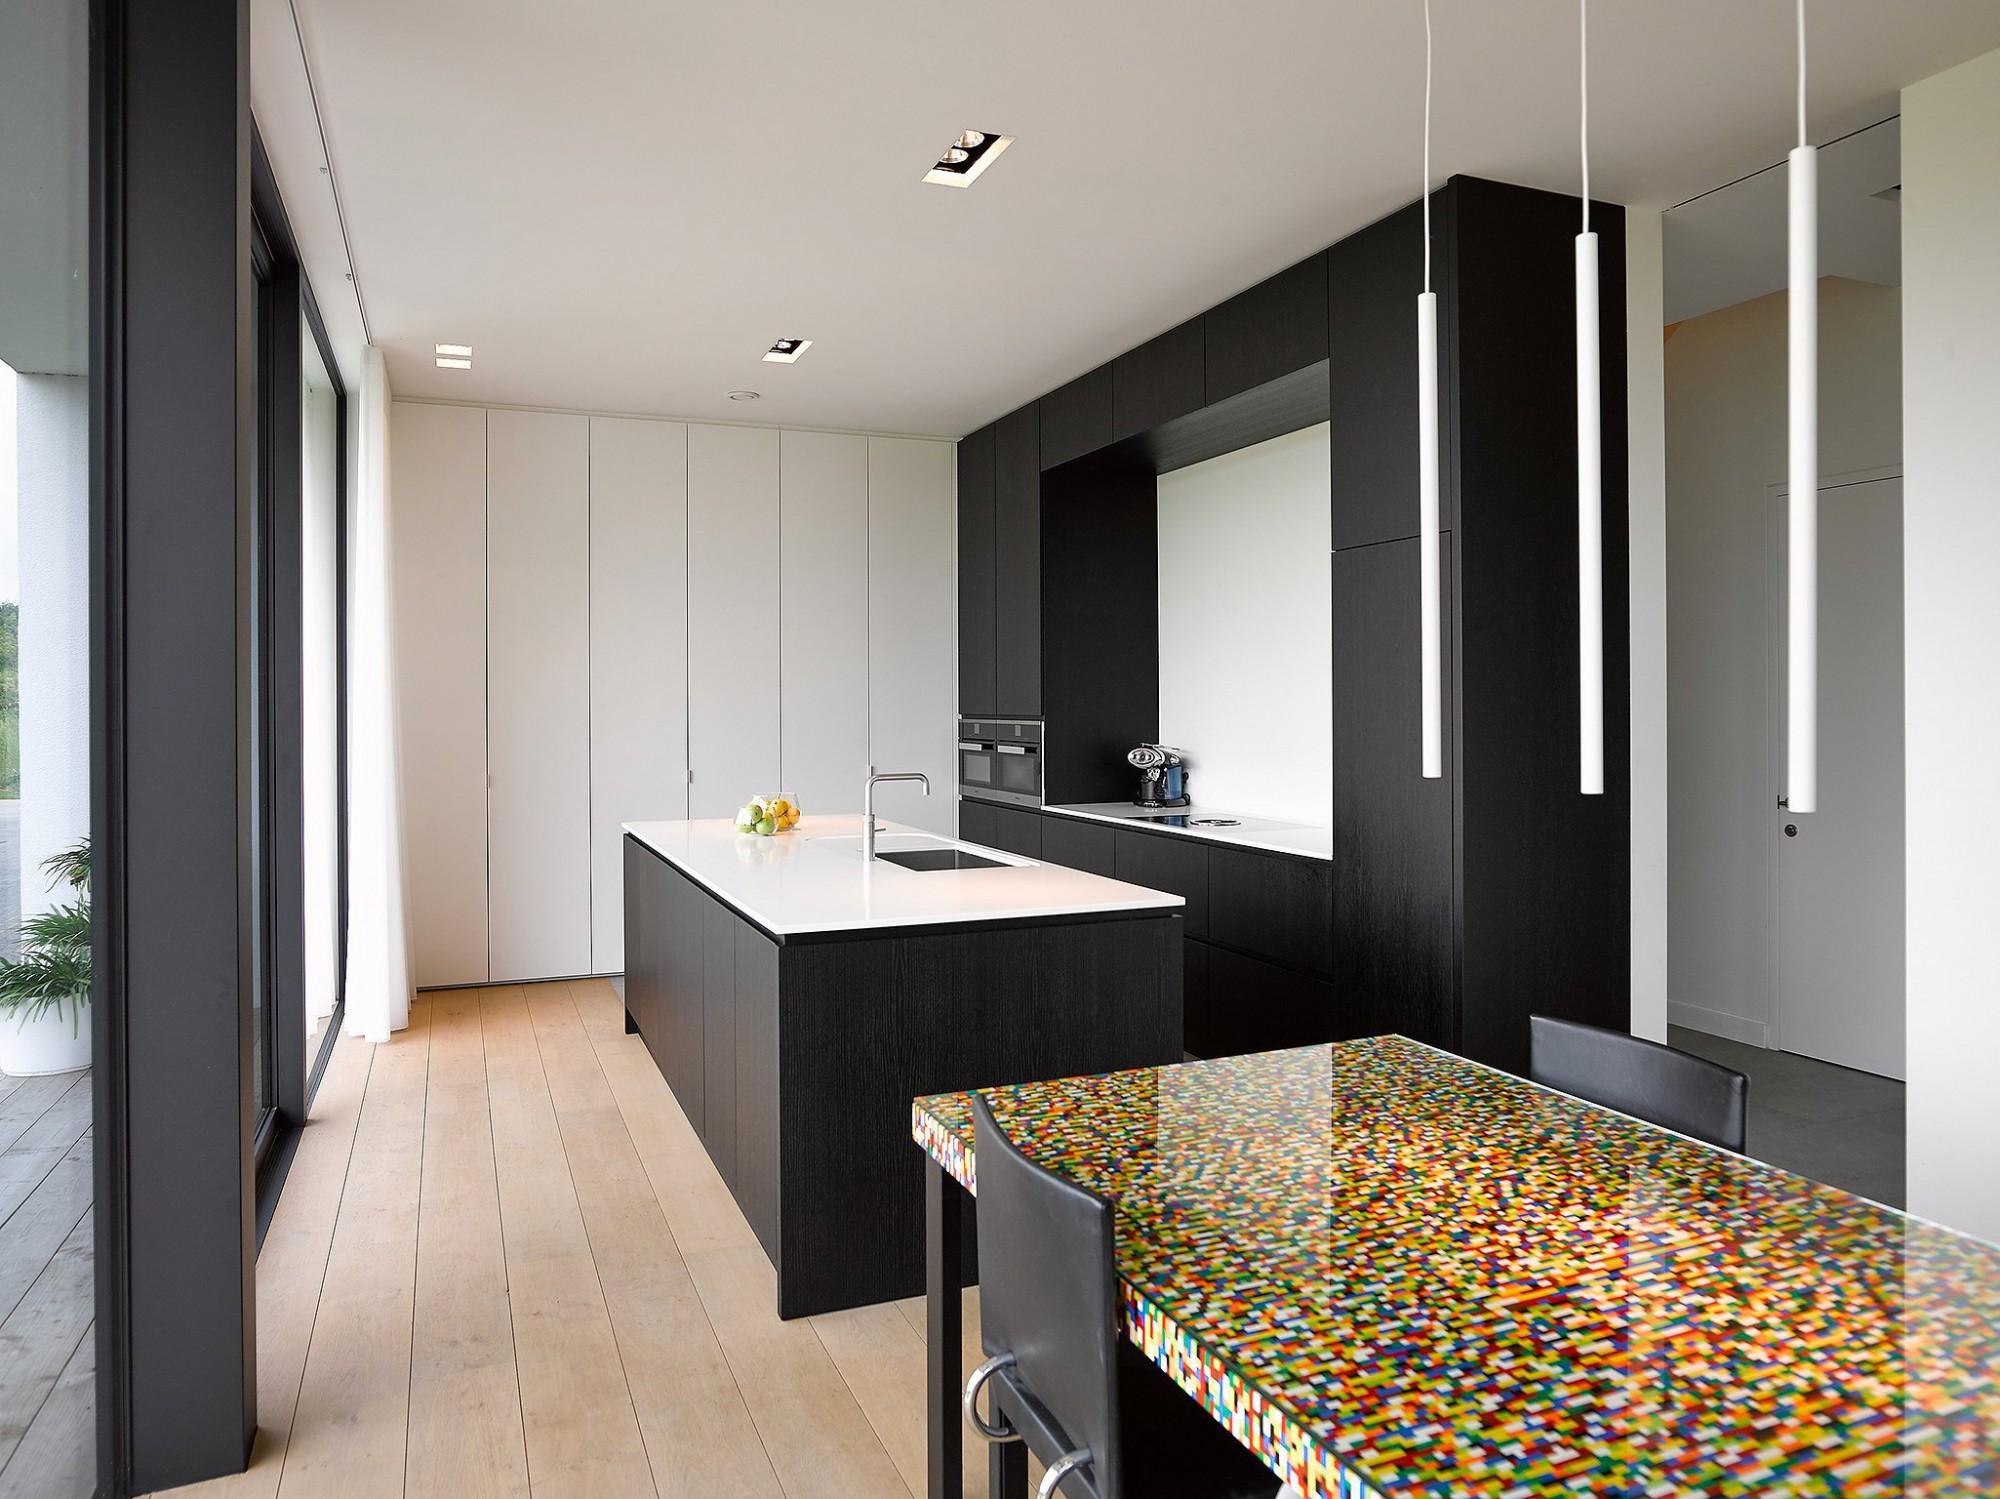 Afbeelding: Fotografie interieur keuken te Ranst voor bouwbedrijf Menbo,  fotografie keukens Foto Van Huffel.